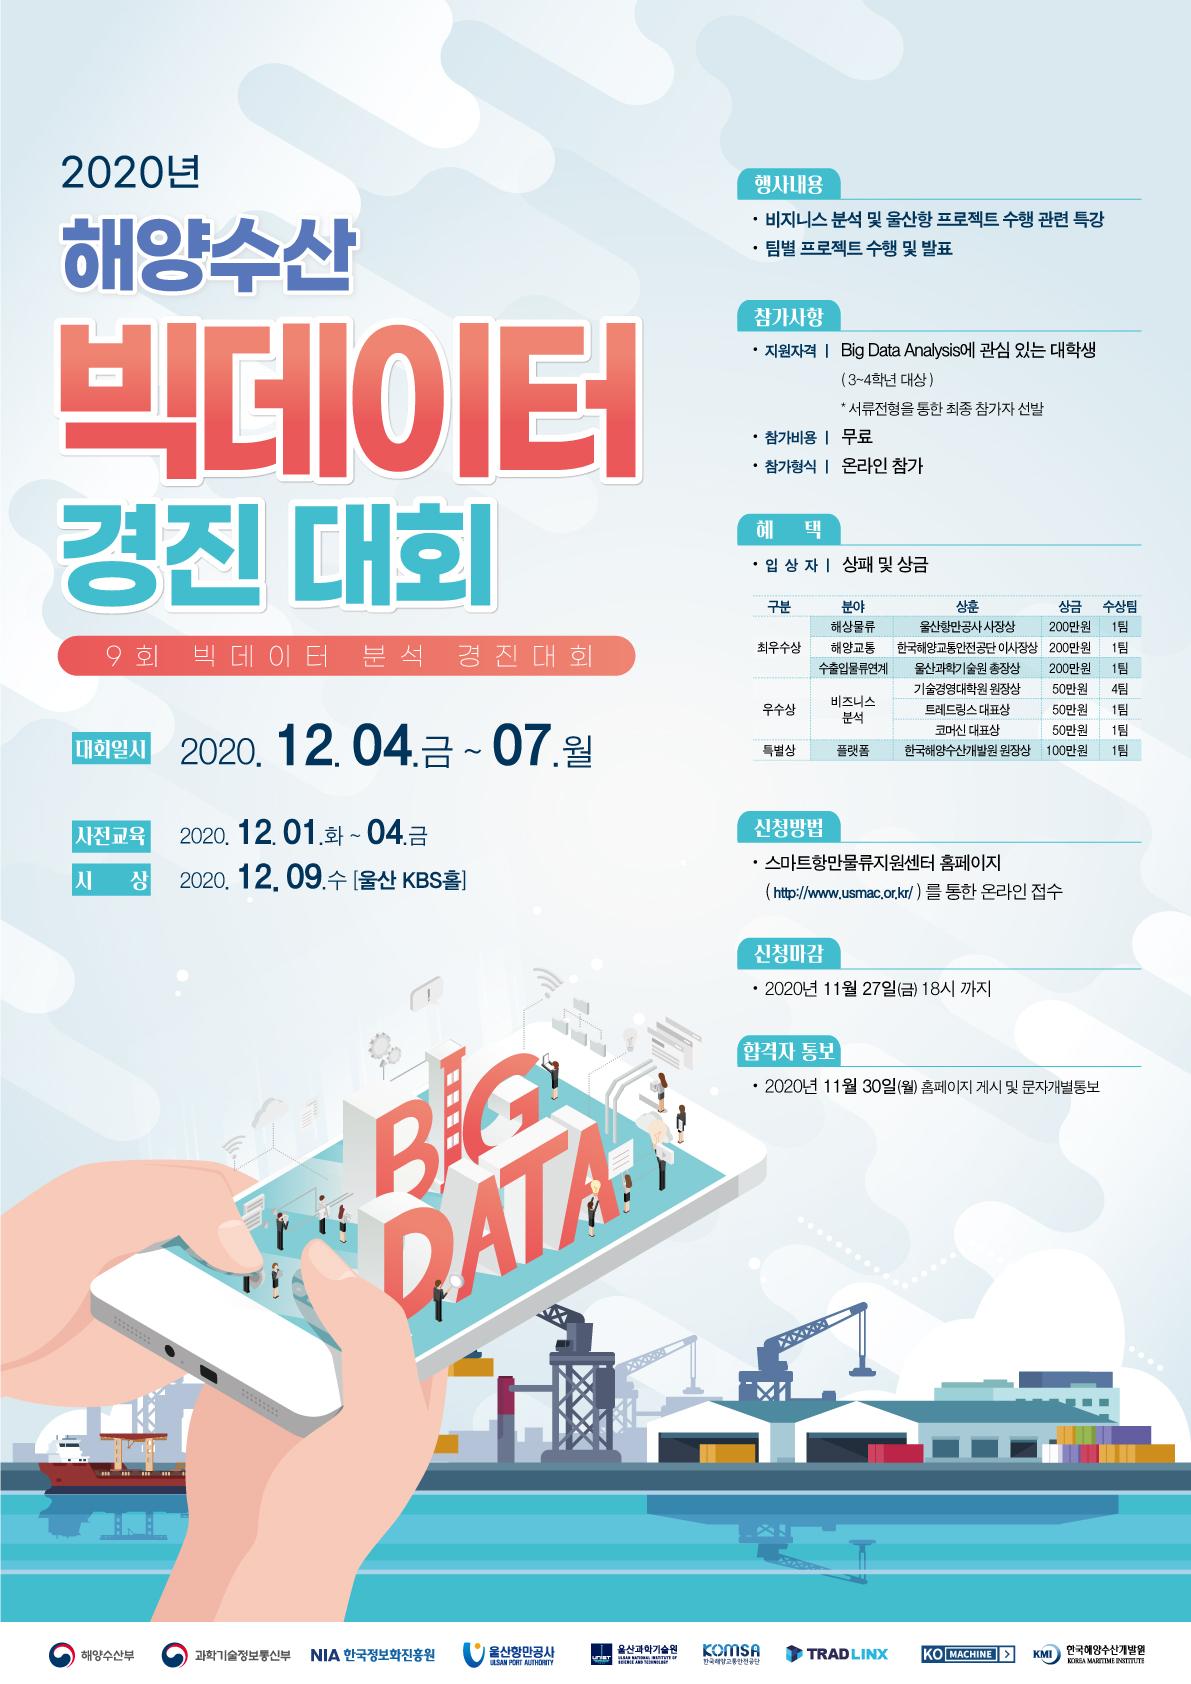 2020년 해양수산 빅데이터 경진대회